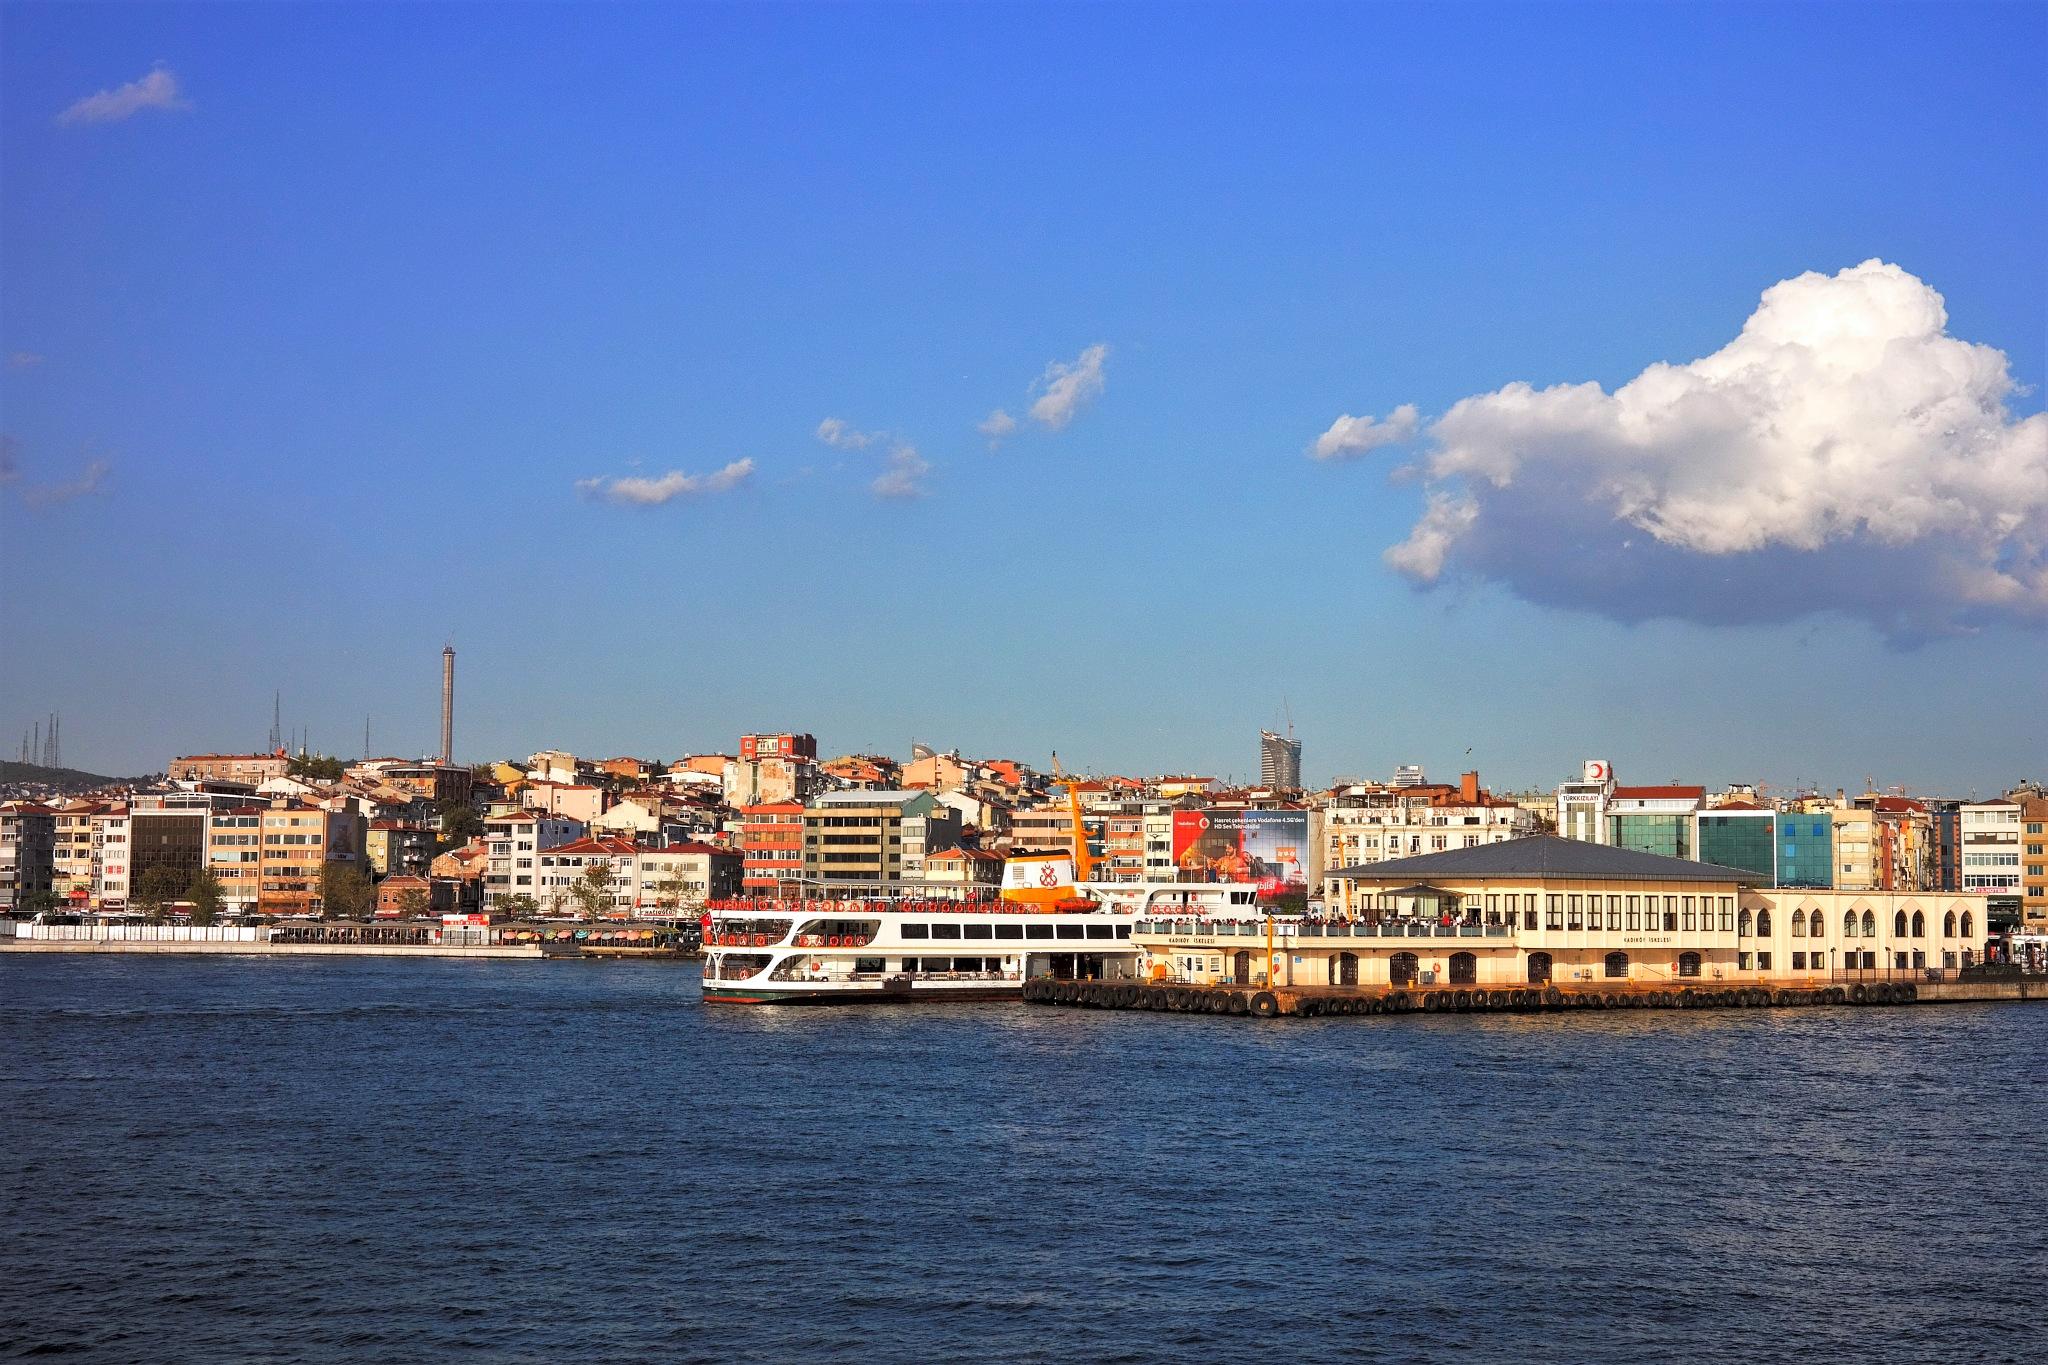 cityscape-kadıköy by Muhsin Özcan